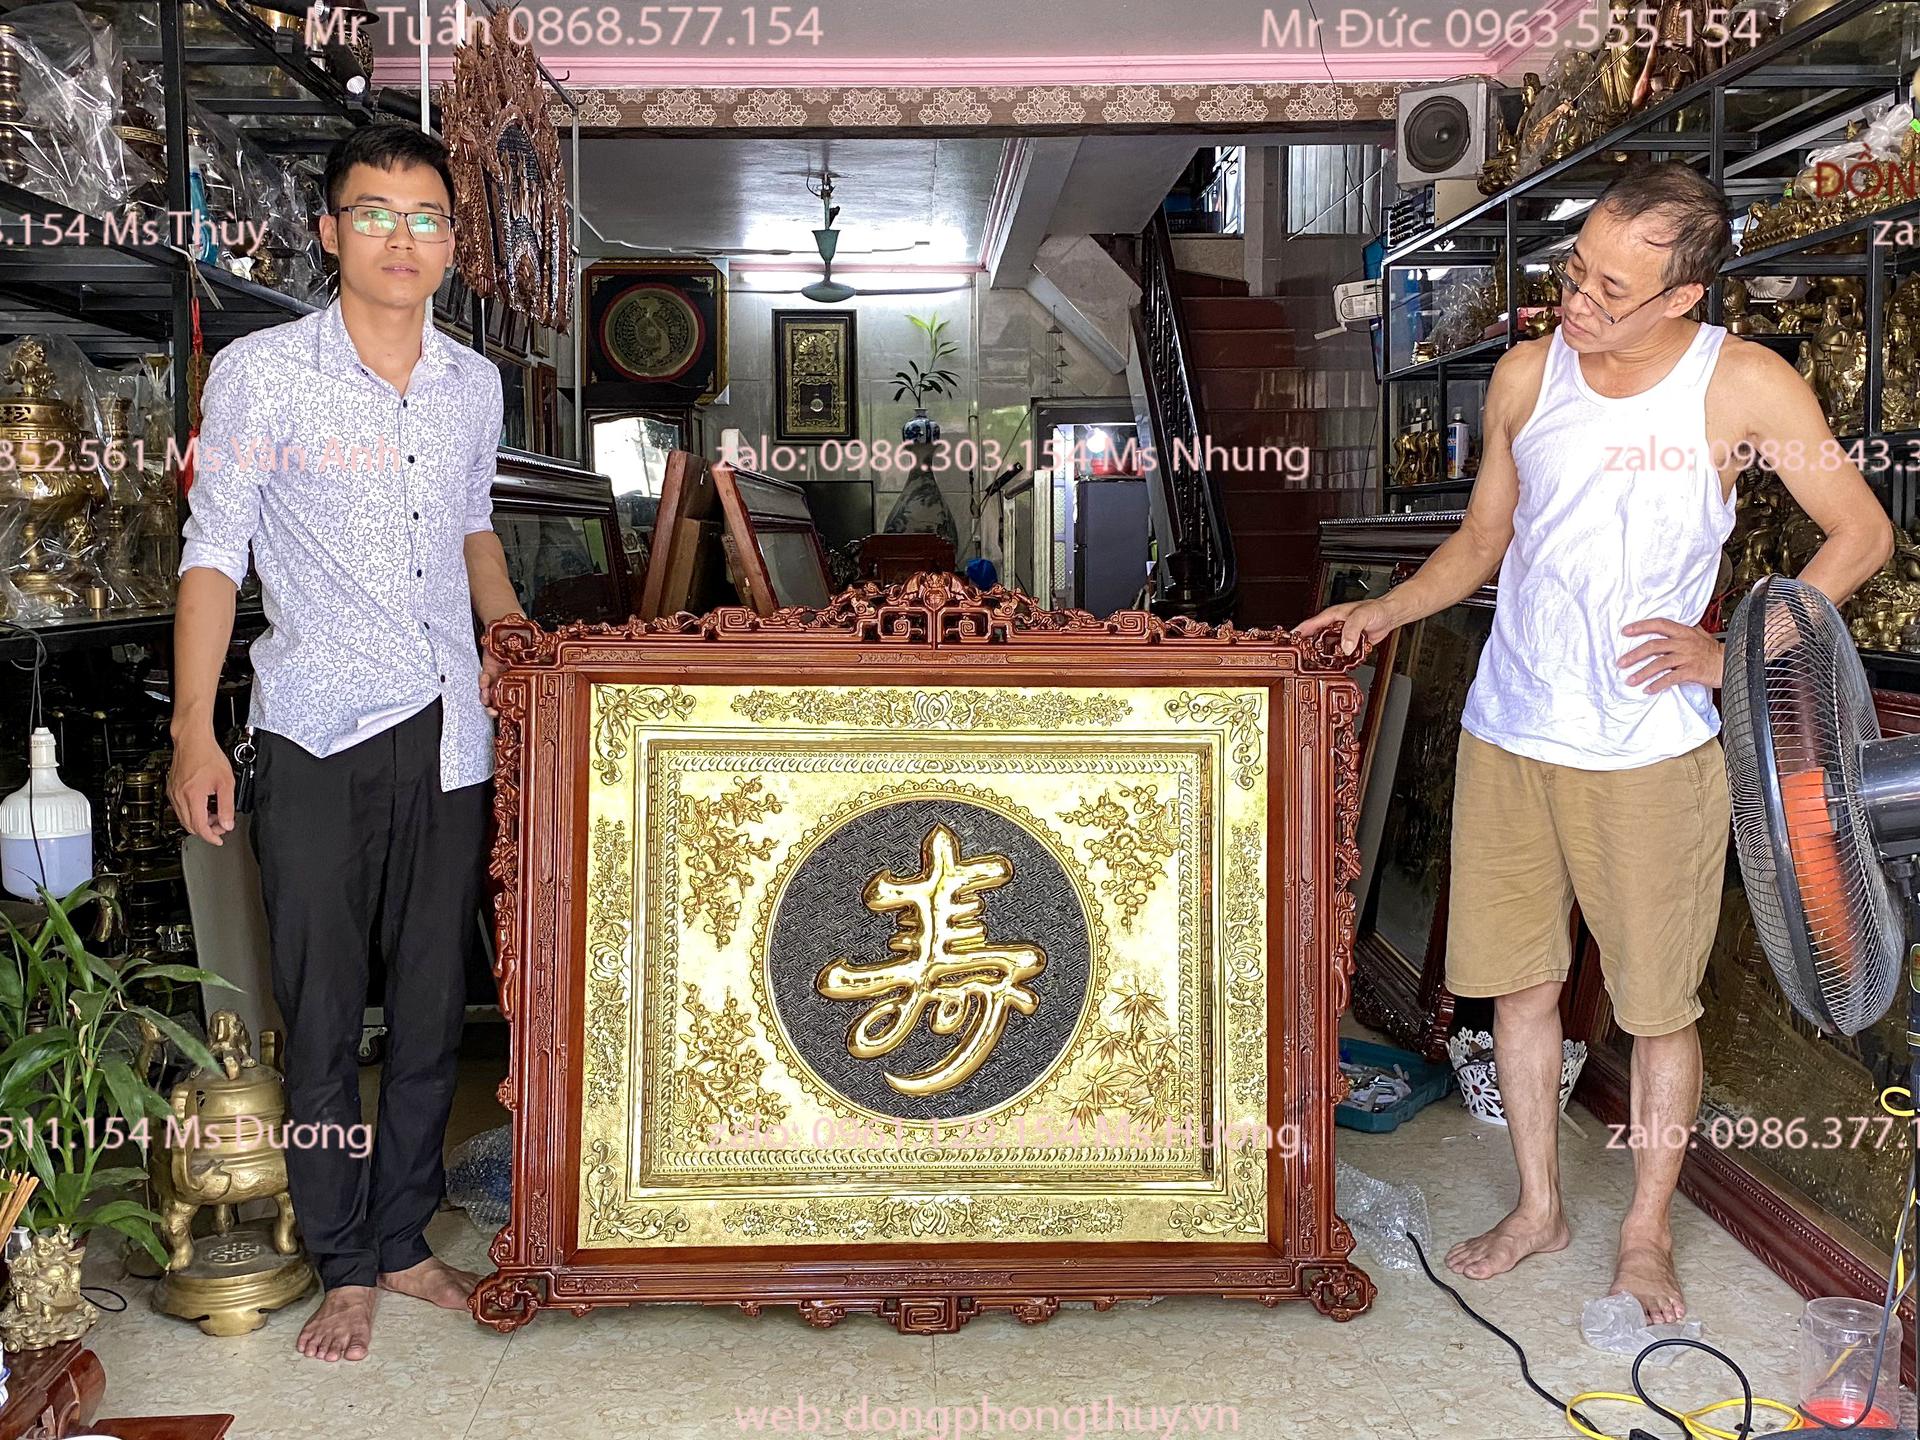 Tranh chữ Thọ mạ vàng 24kđồng dày 1 ly trạm tay thủ công chữ nổi khung gỗ tần bìcách điệu đẹp